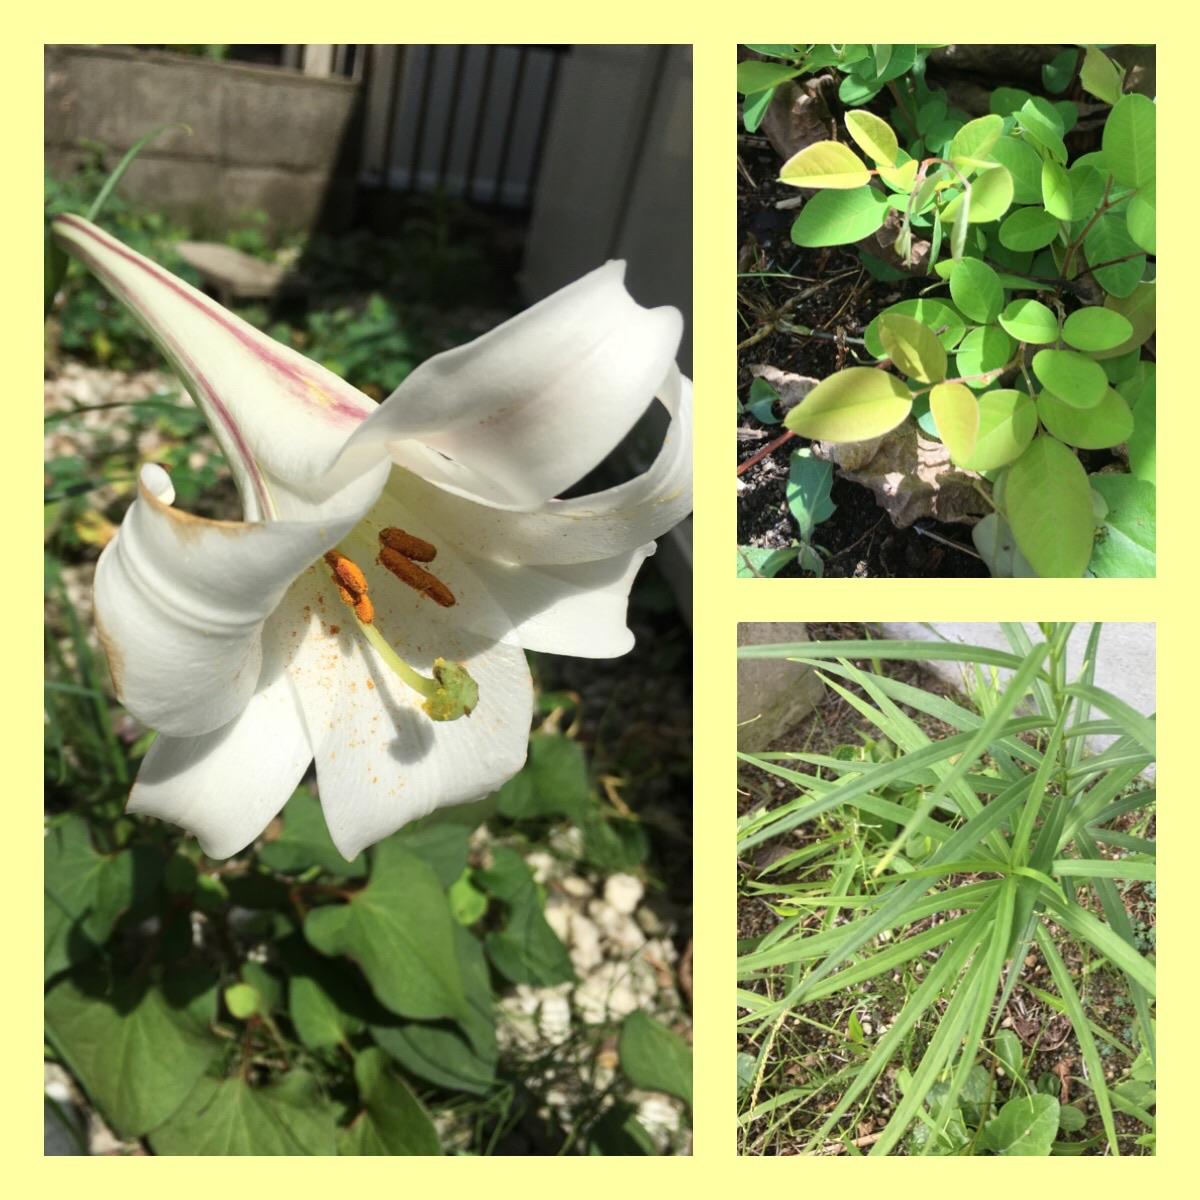 最後のゆり,咲くに時あり,遅くとも綺麗,萩の生命力,宮城県との関わり